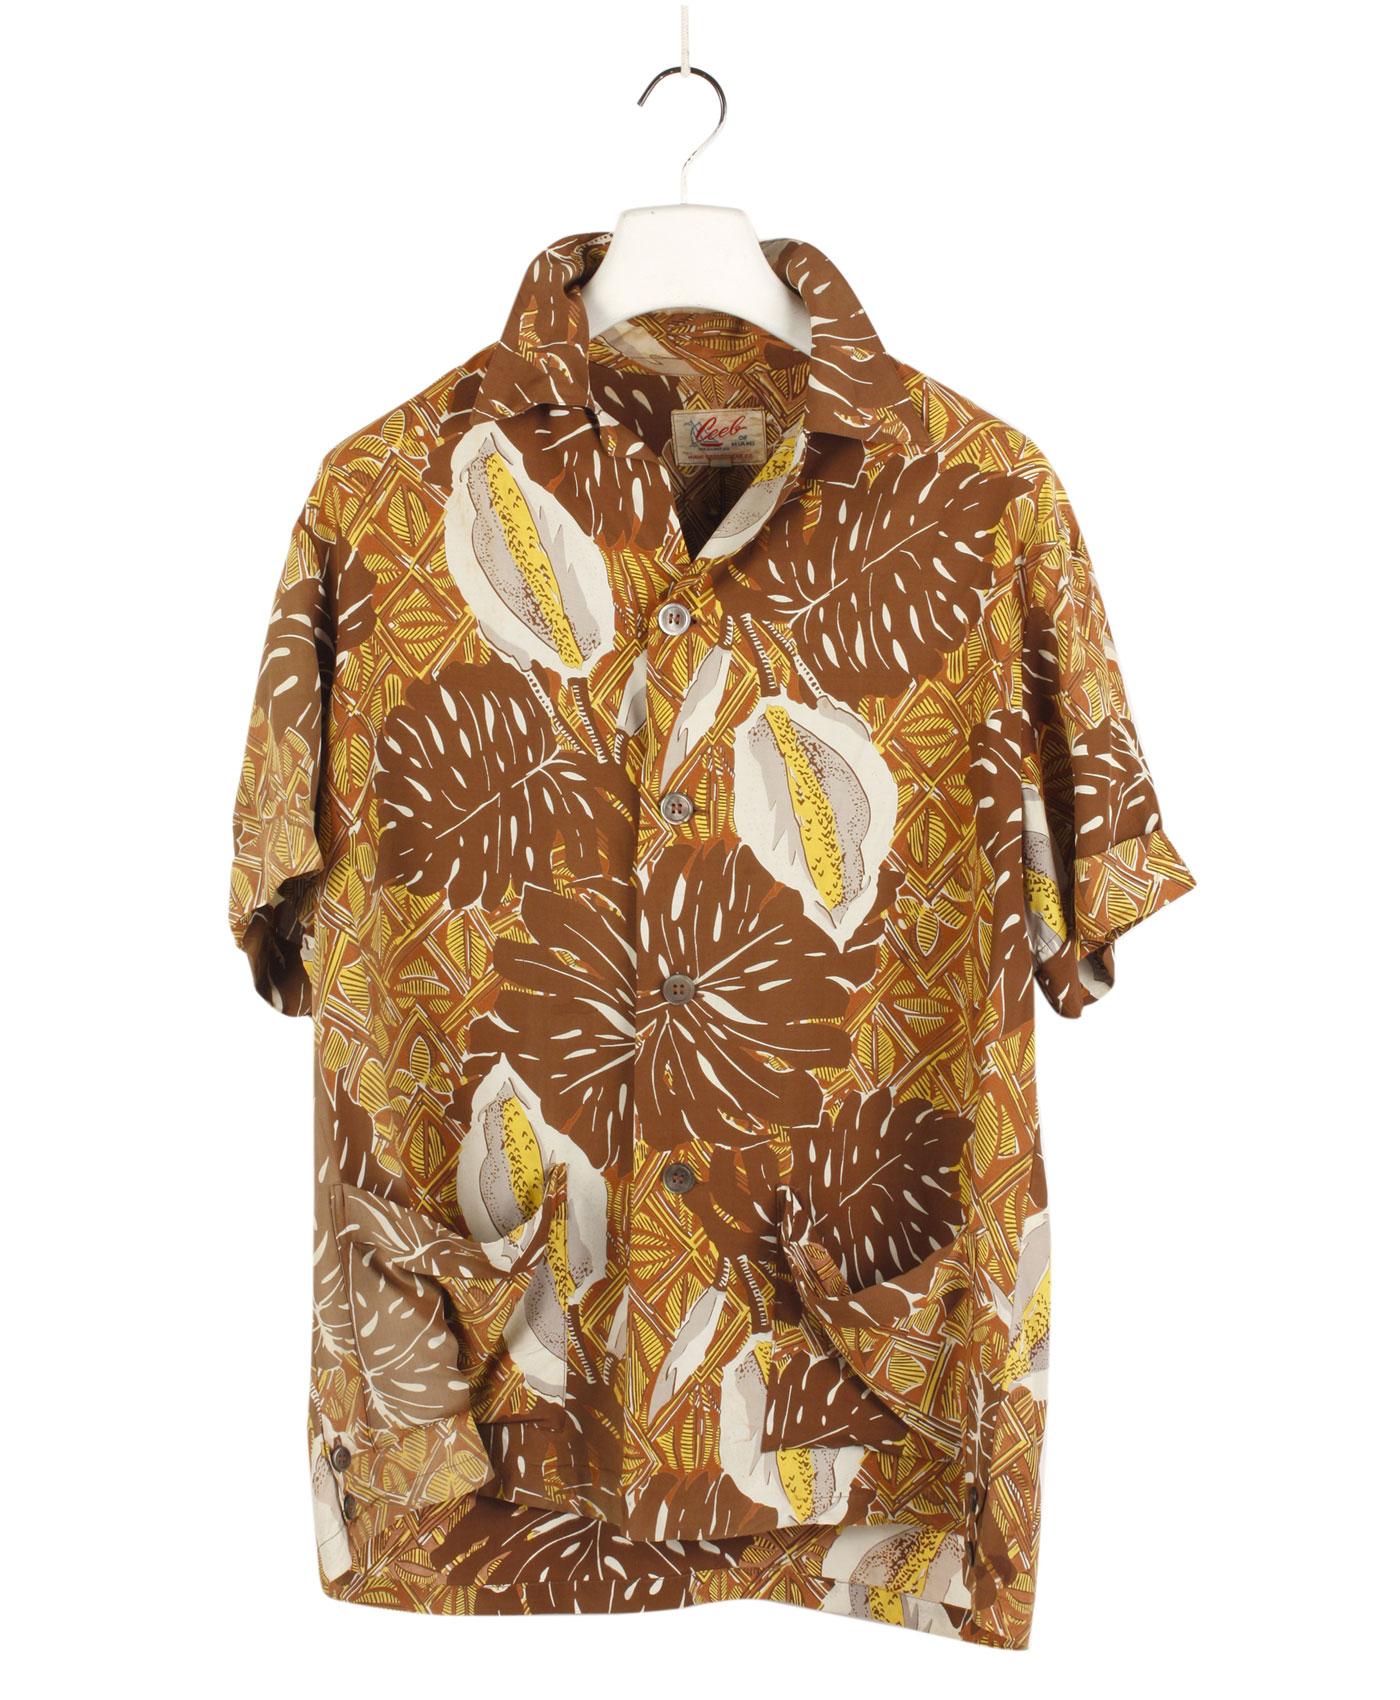 CEEB OF MIAMI Rare Hawaiian Shirt '50/60s